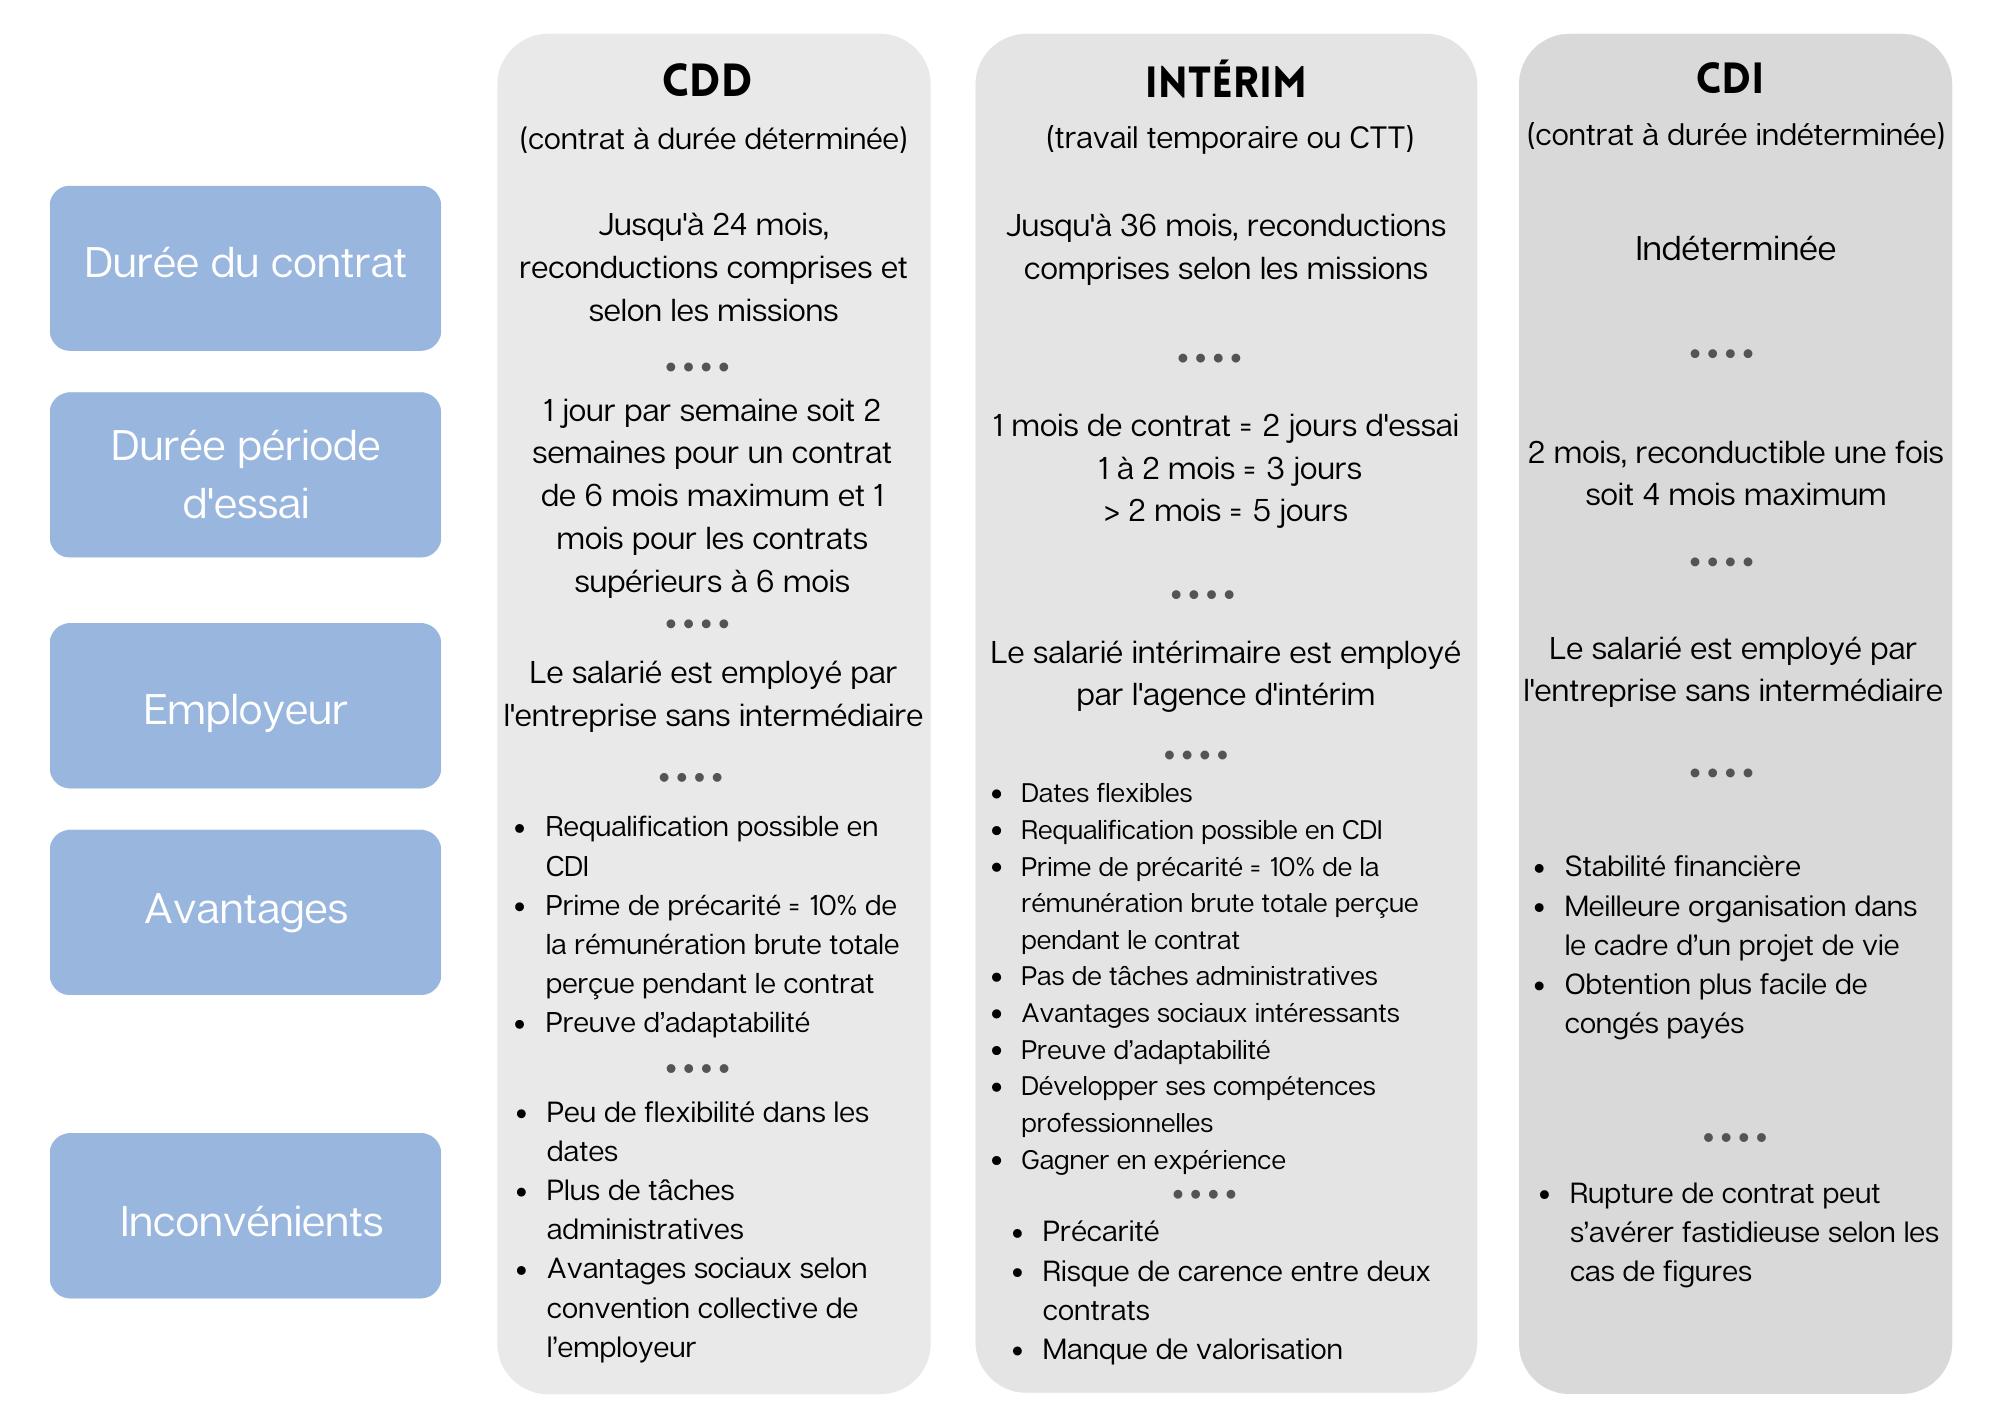 Les différents types de contrat - tableau comparatif